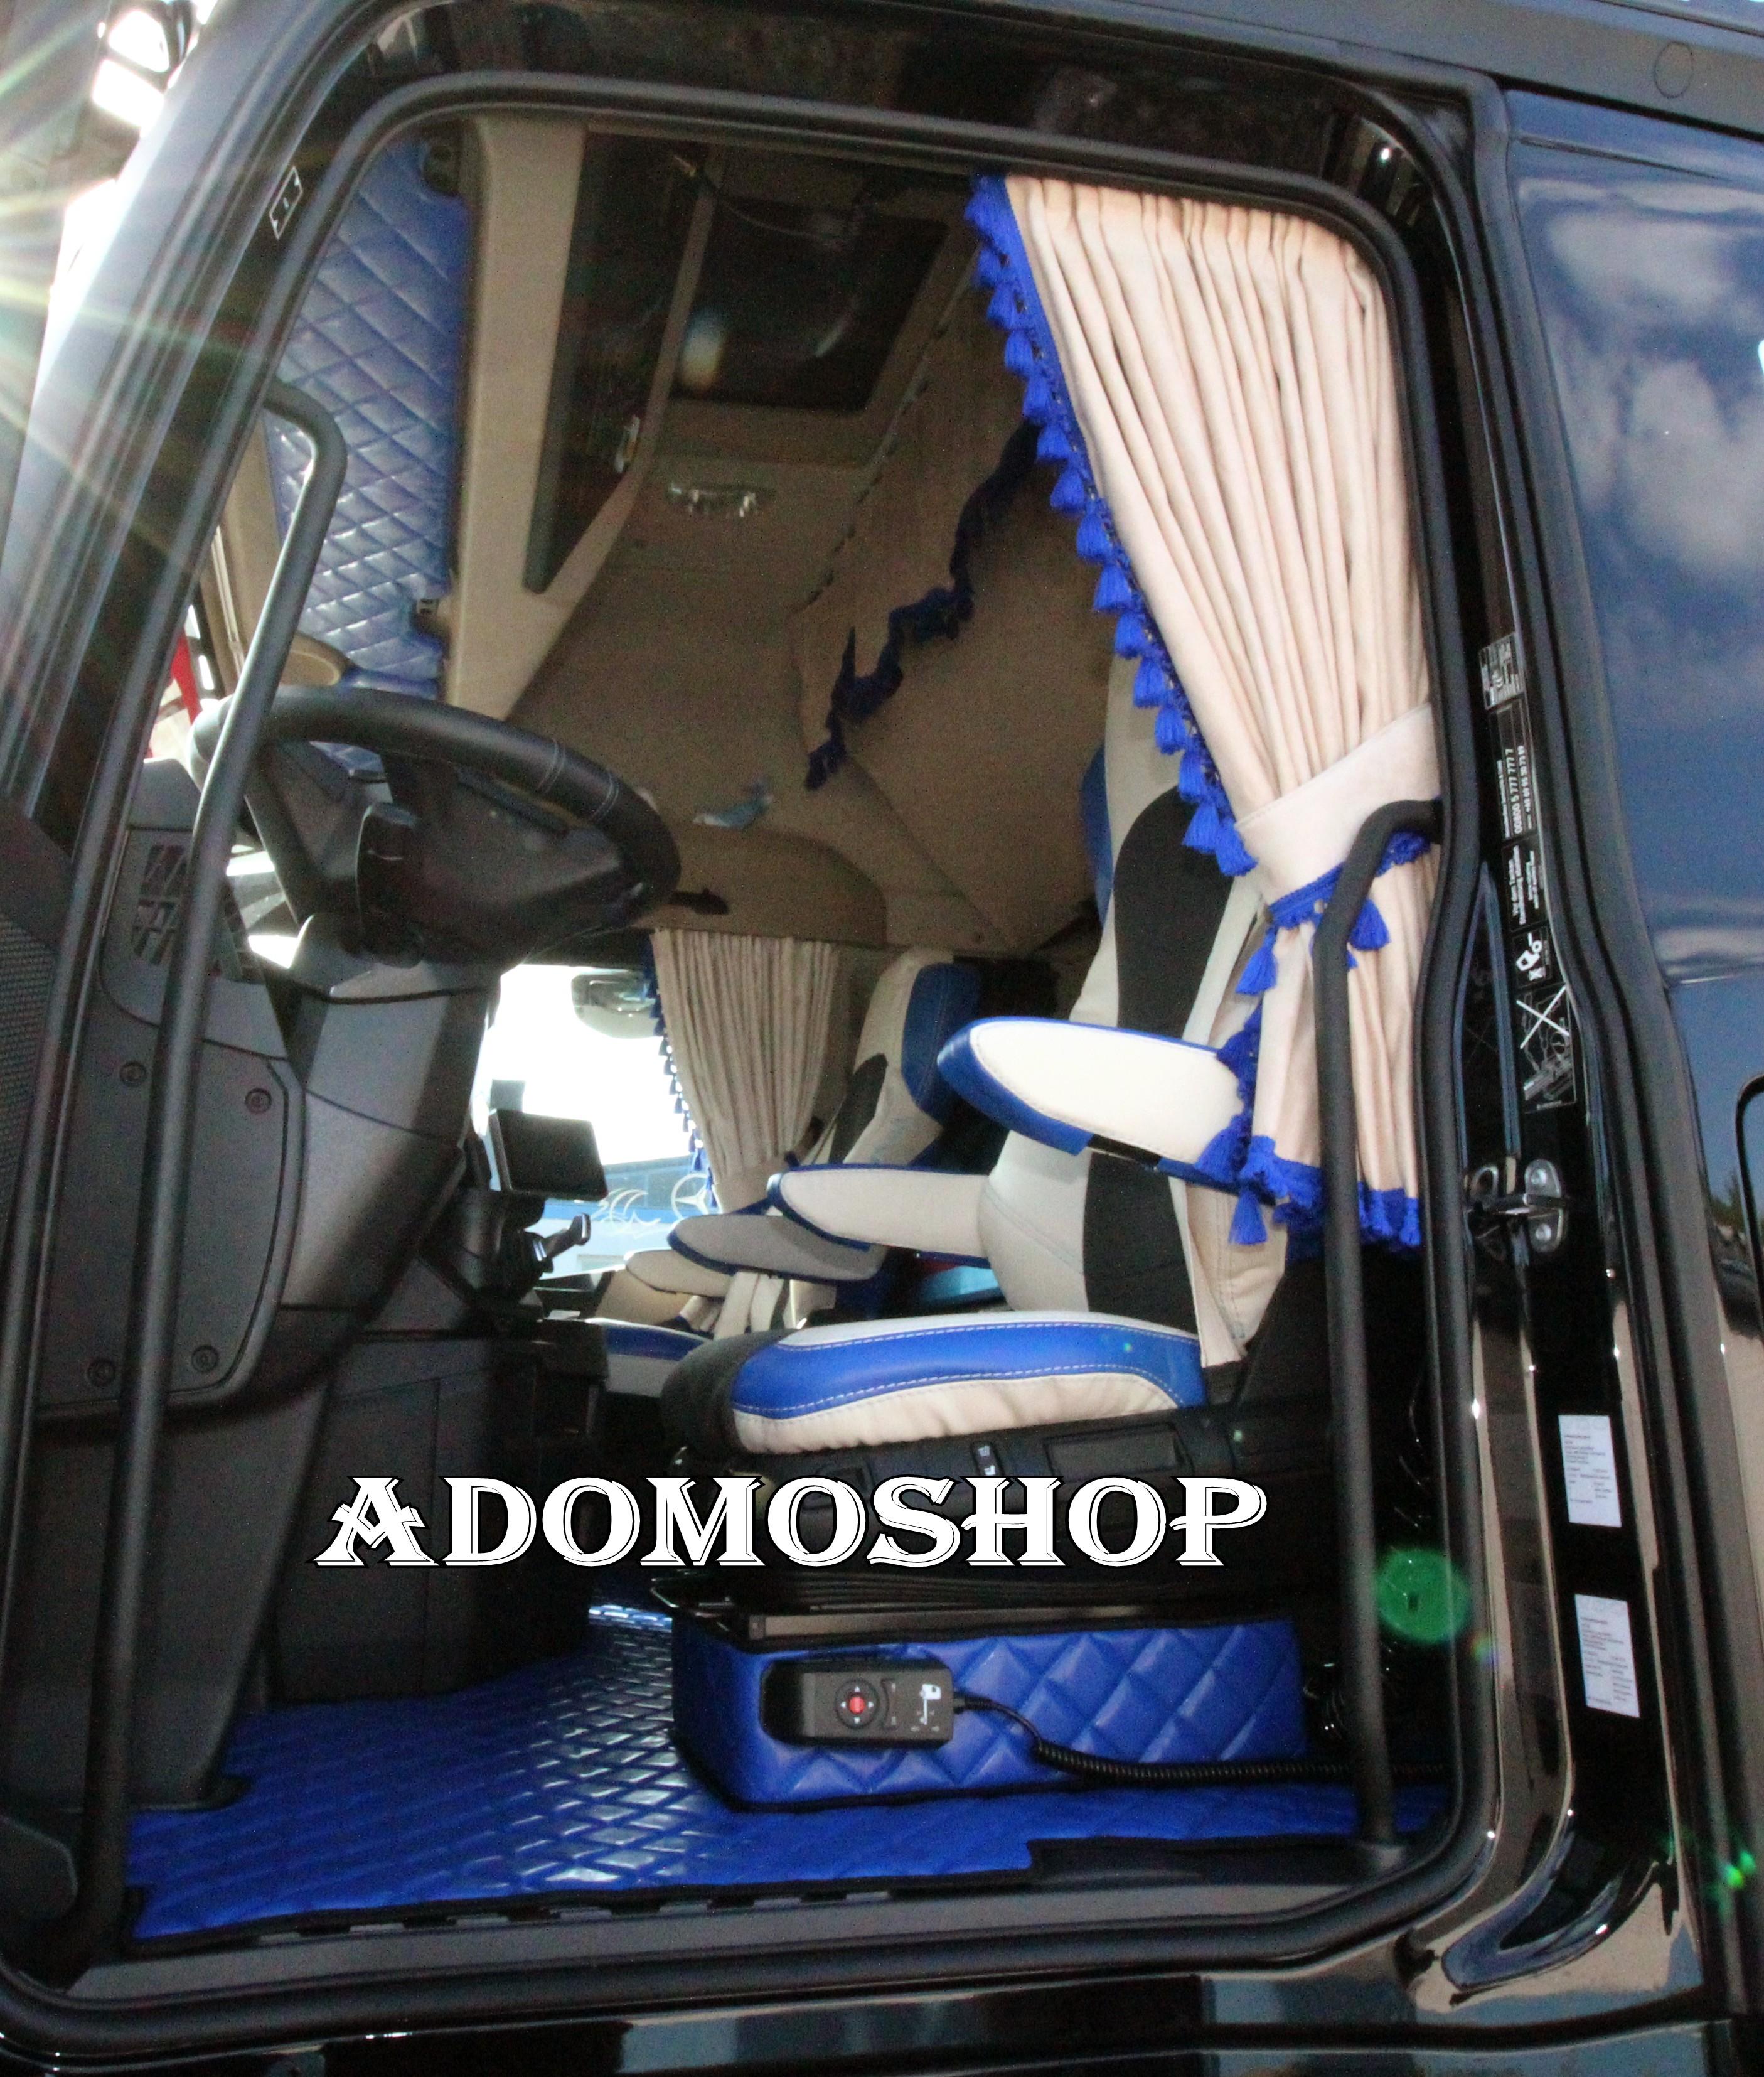 adomo lkw shop gardinen actros mp4 beige blau lkw zubeh r. Black Bedroom Furniture Sets. Home Design Ideas